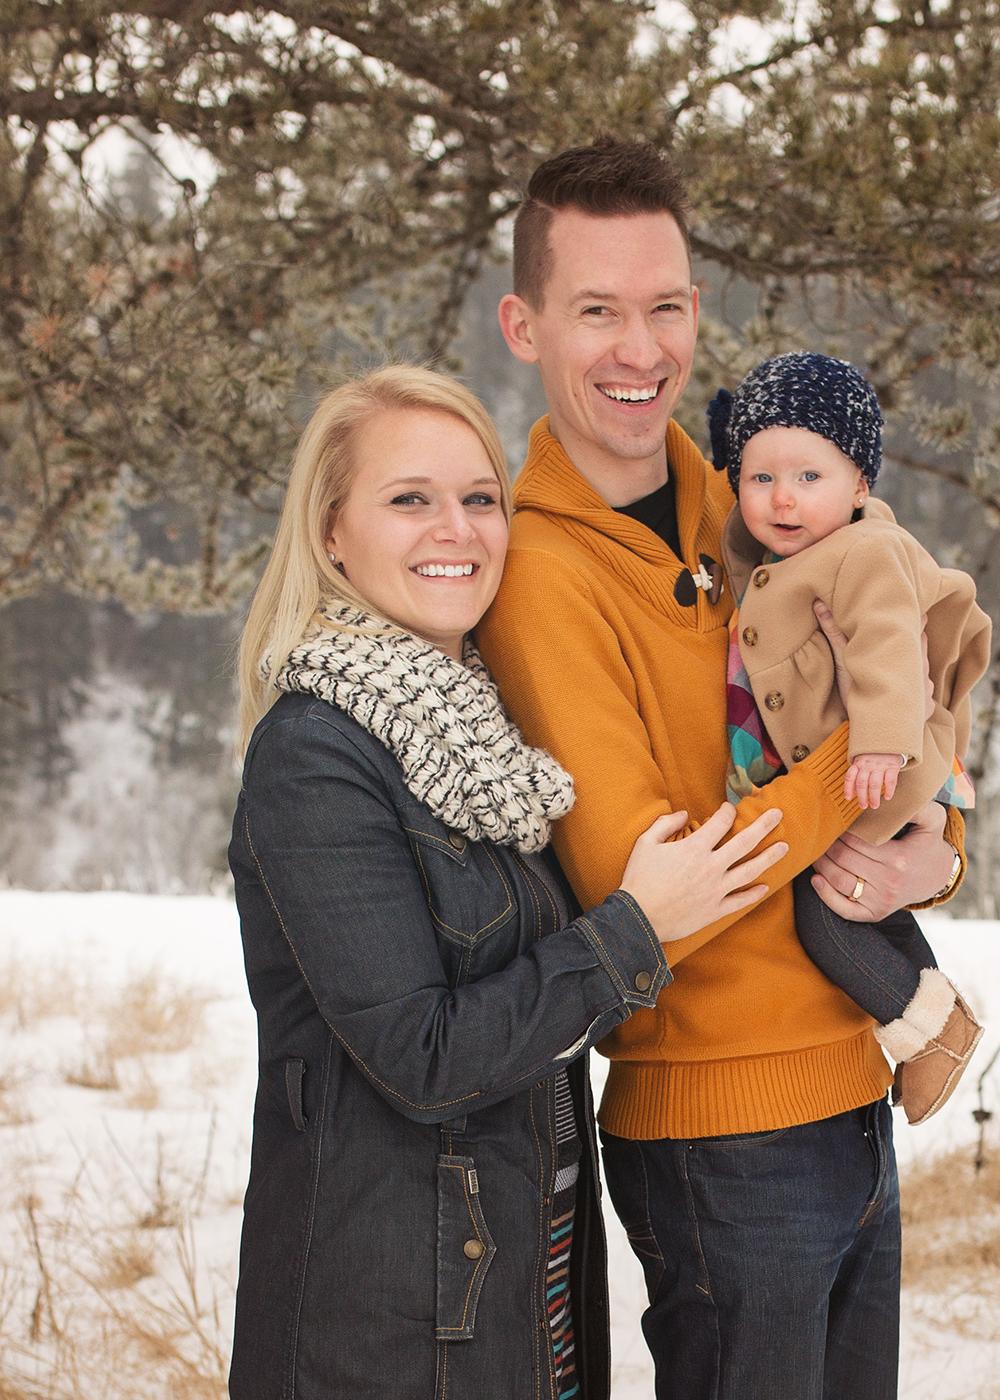 Edmonton Family Photographer_K Family Sneak Peek 1.jpg